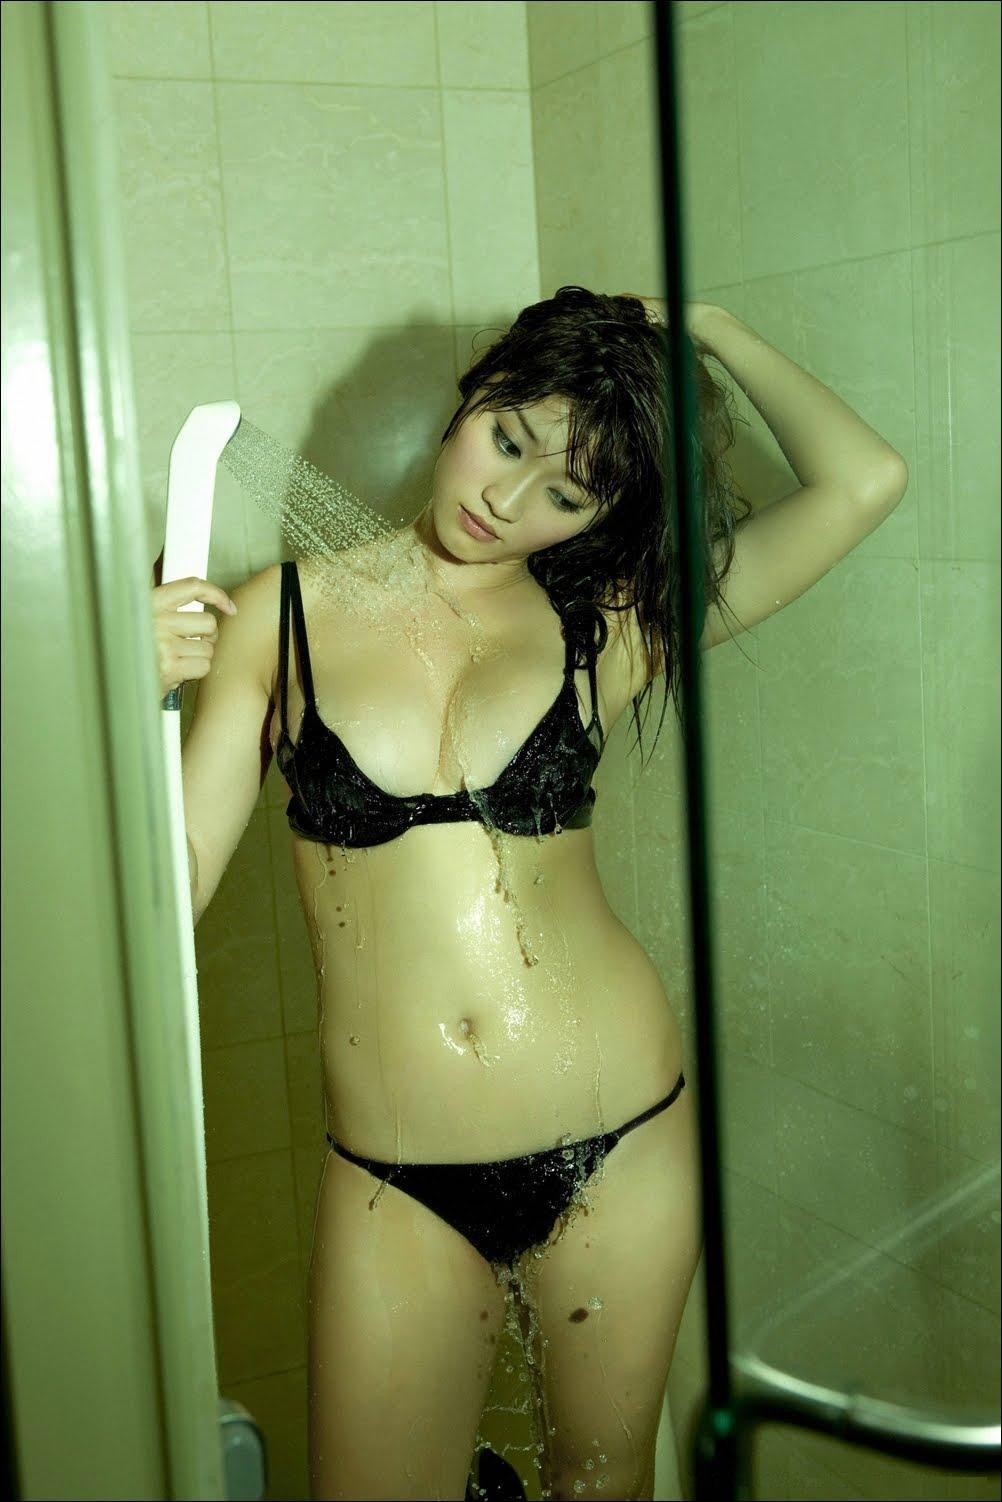 http://4.bp.blogspot.com/-fIej5Blxnis/Ths7C0qvZPI/AAAAAAAAAgQ/sEjHtDgifr4/s1600/ShowerPan2.jpg